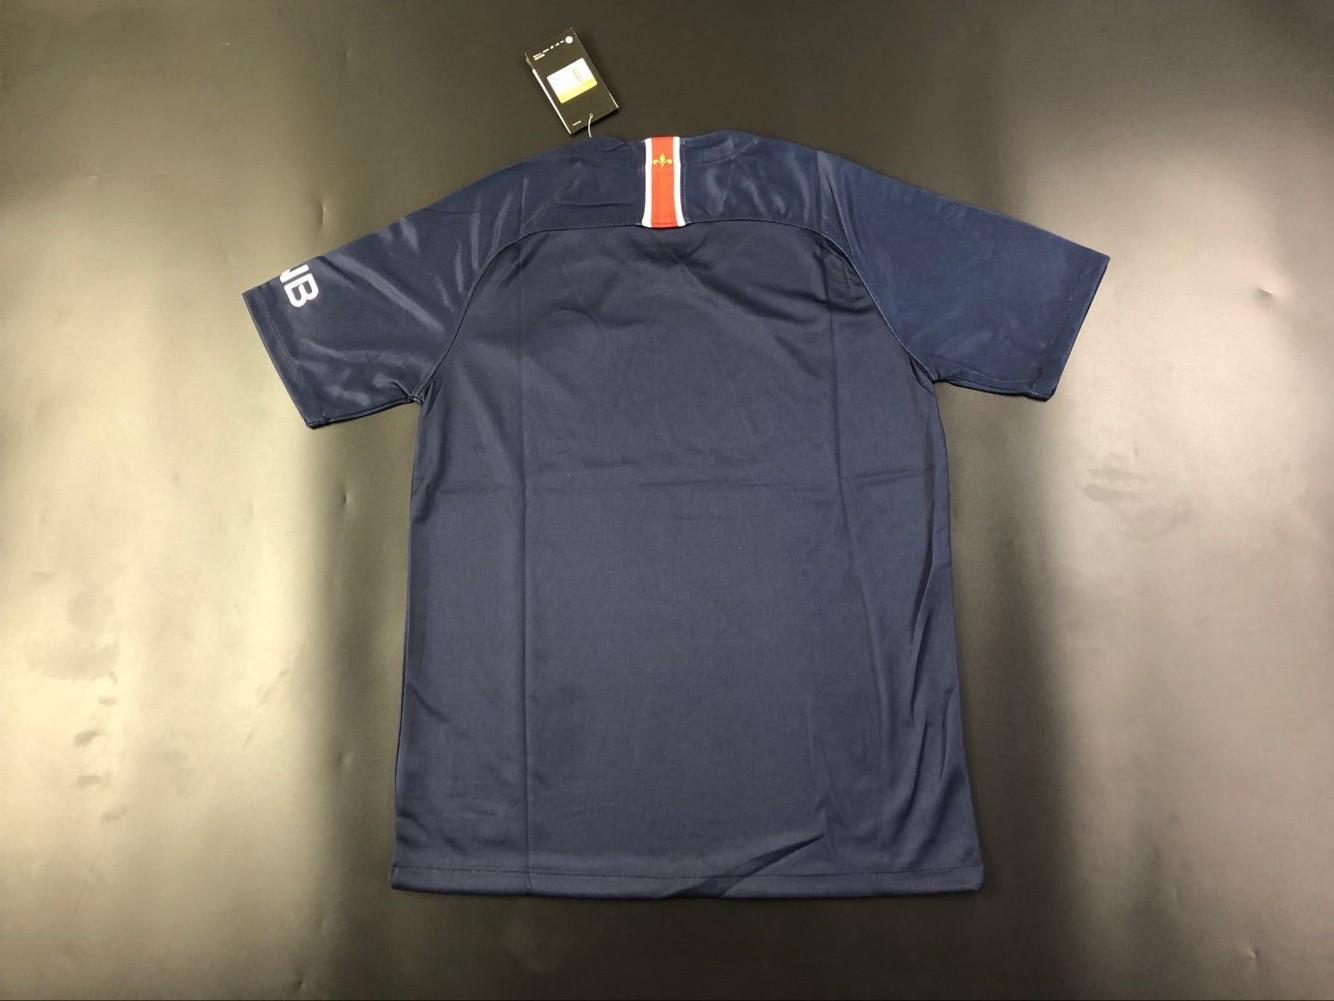 competitive price d7188 dce83 Paris FC Kit 18 19,Paris St Germain T Shirt,2018-2019 Paris Home Soccer  Jersey Shirts